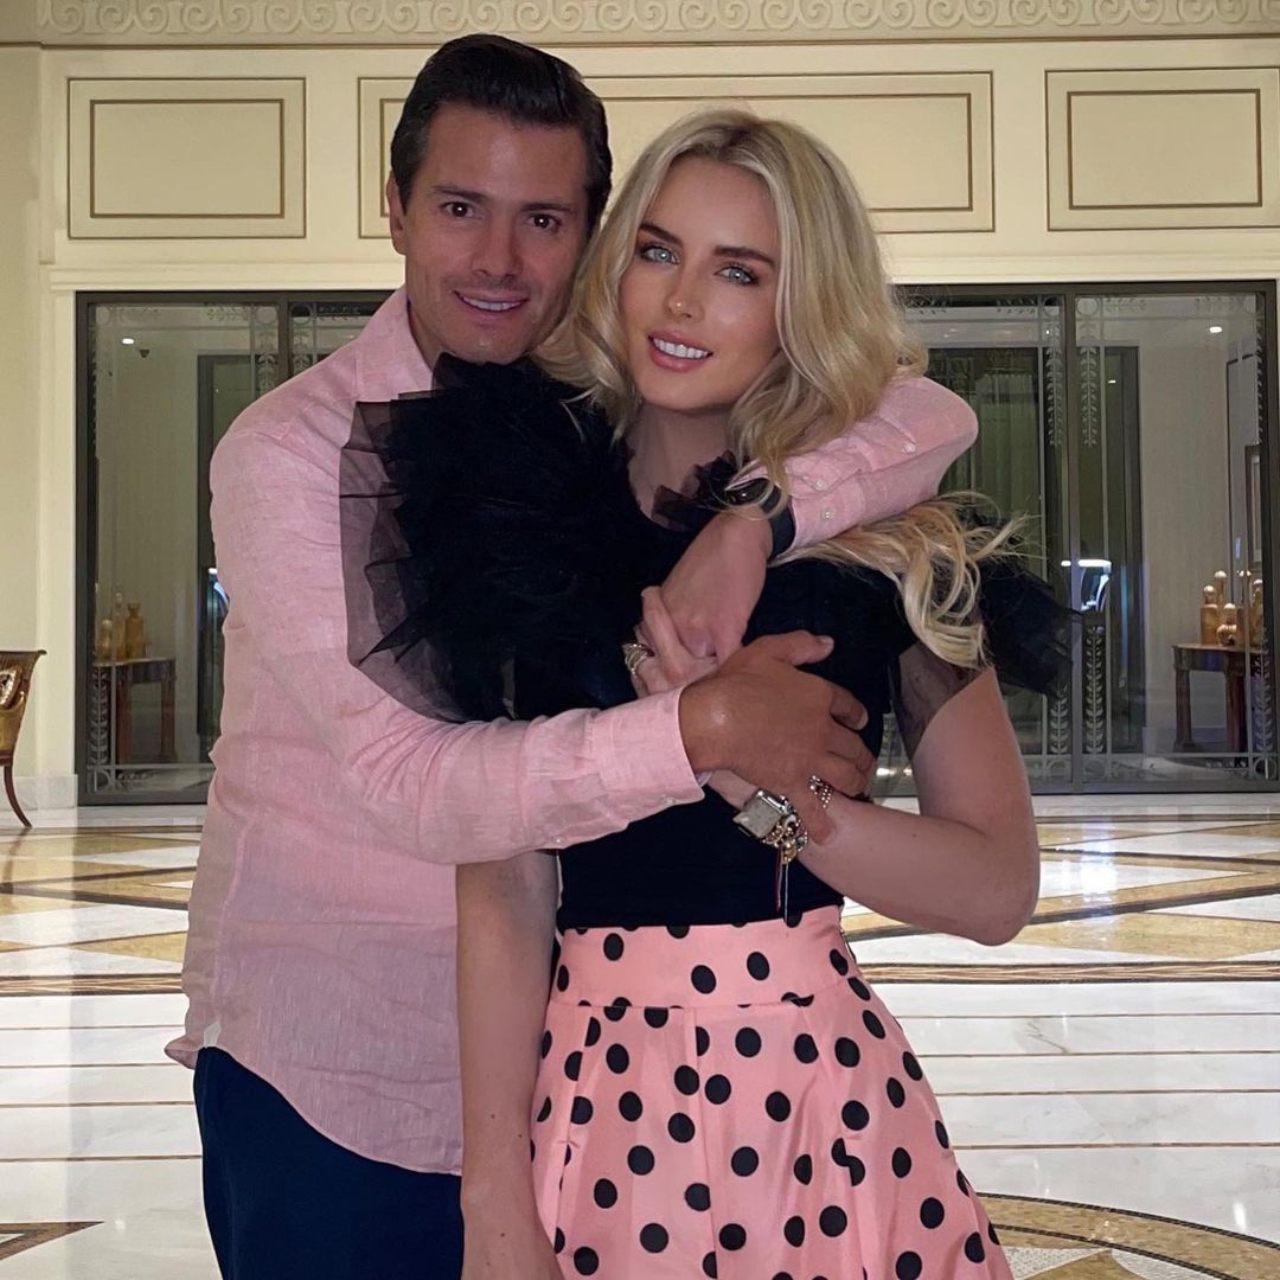 Pena Nieto reaparece con novia Tania